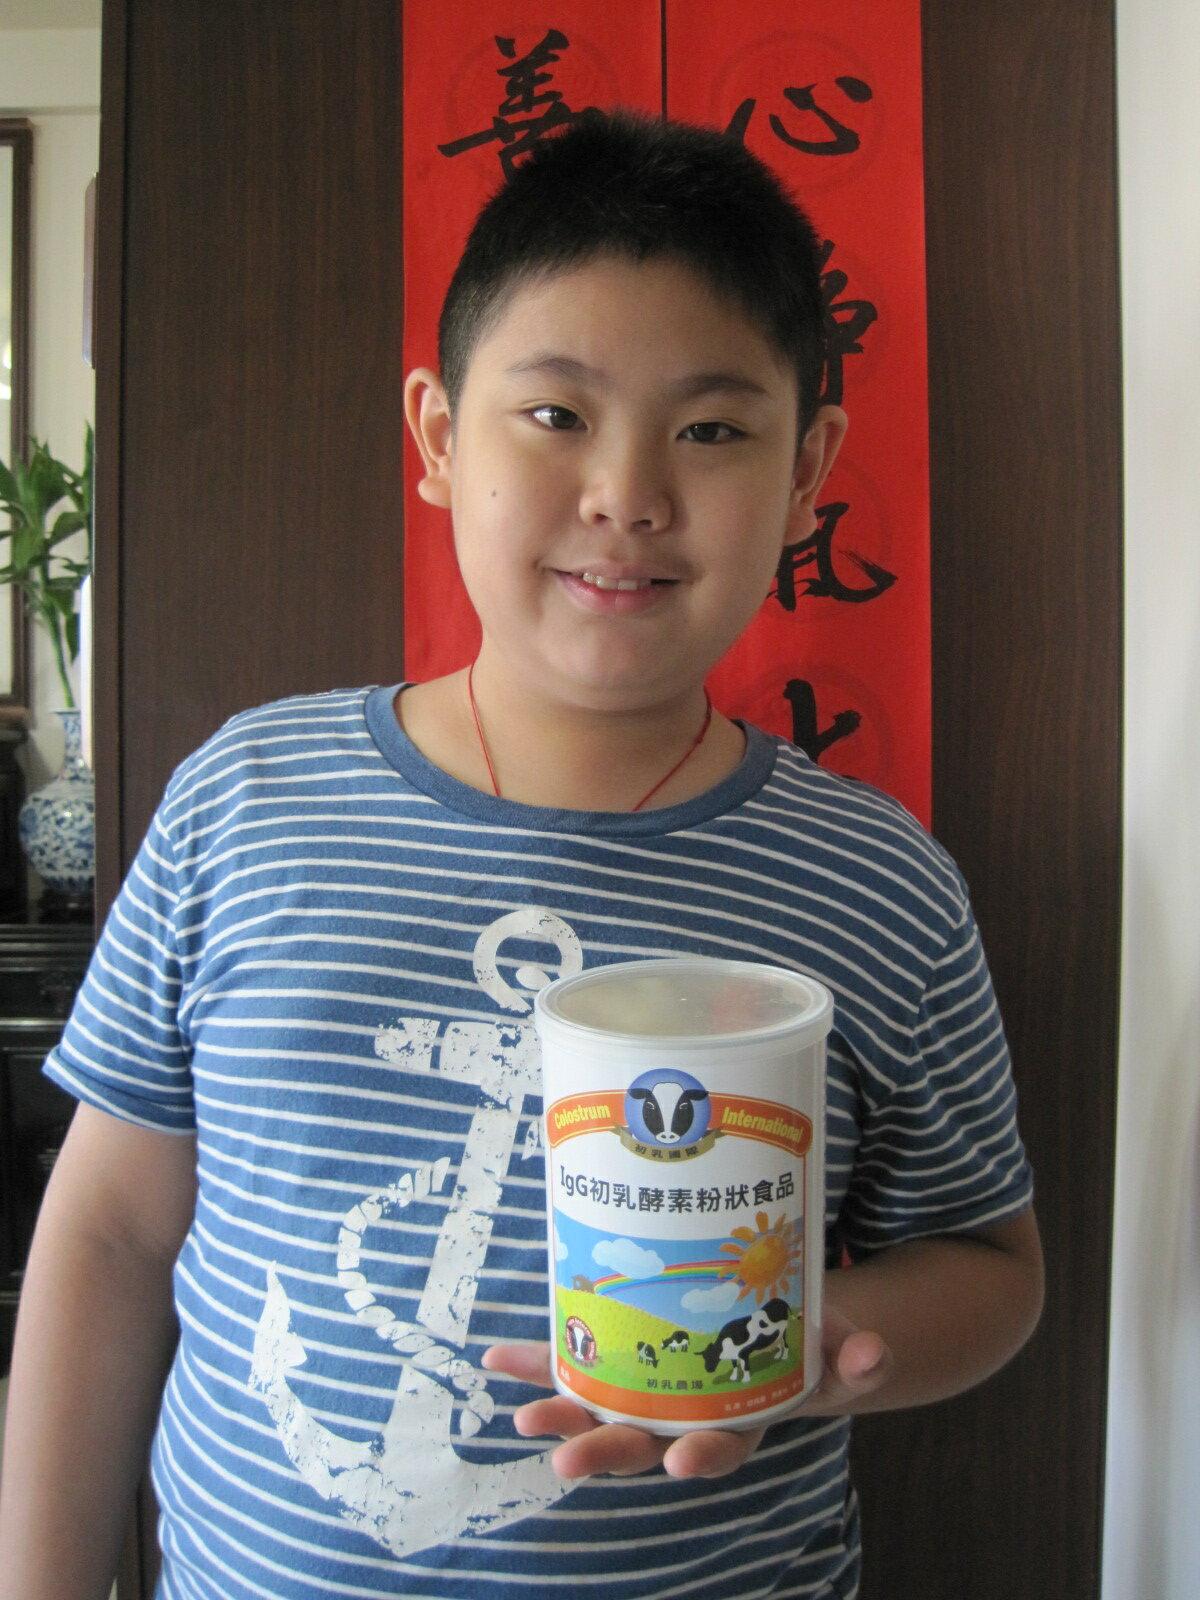 【牛初乳粉狀食品】1罐優惠價86 折 5